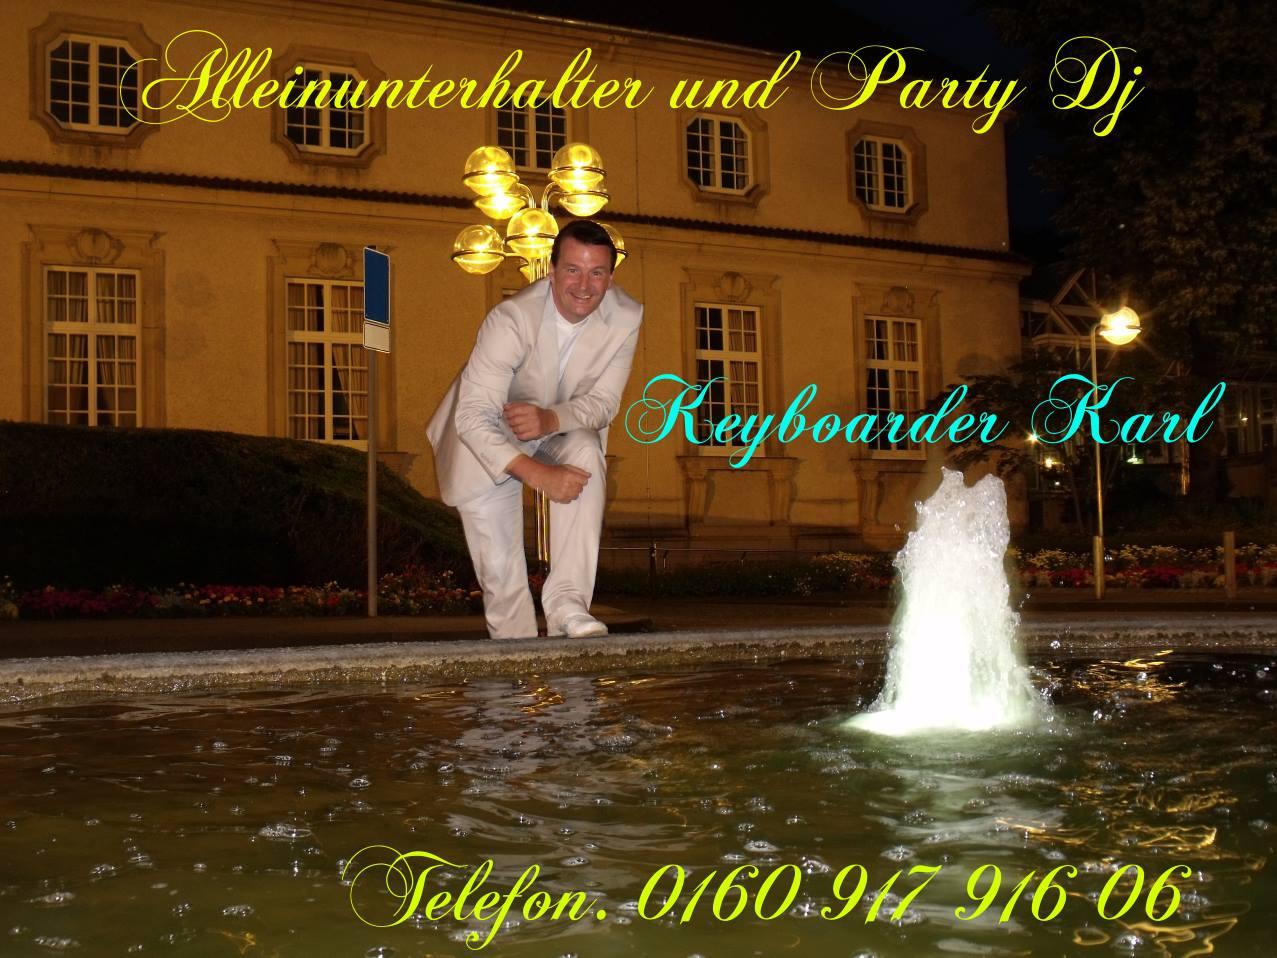 Alleinunterhalter Köln und Party DJ Köln - IMPRESSUM